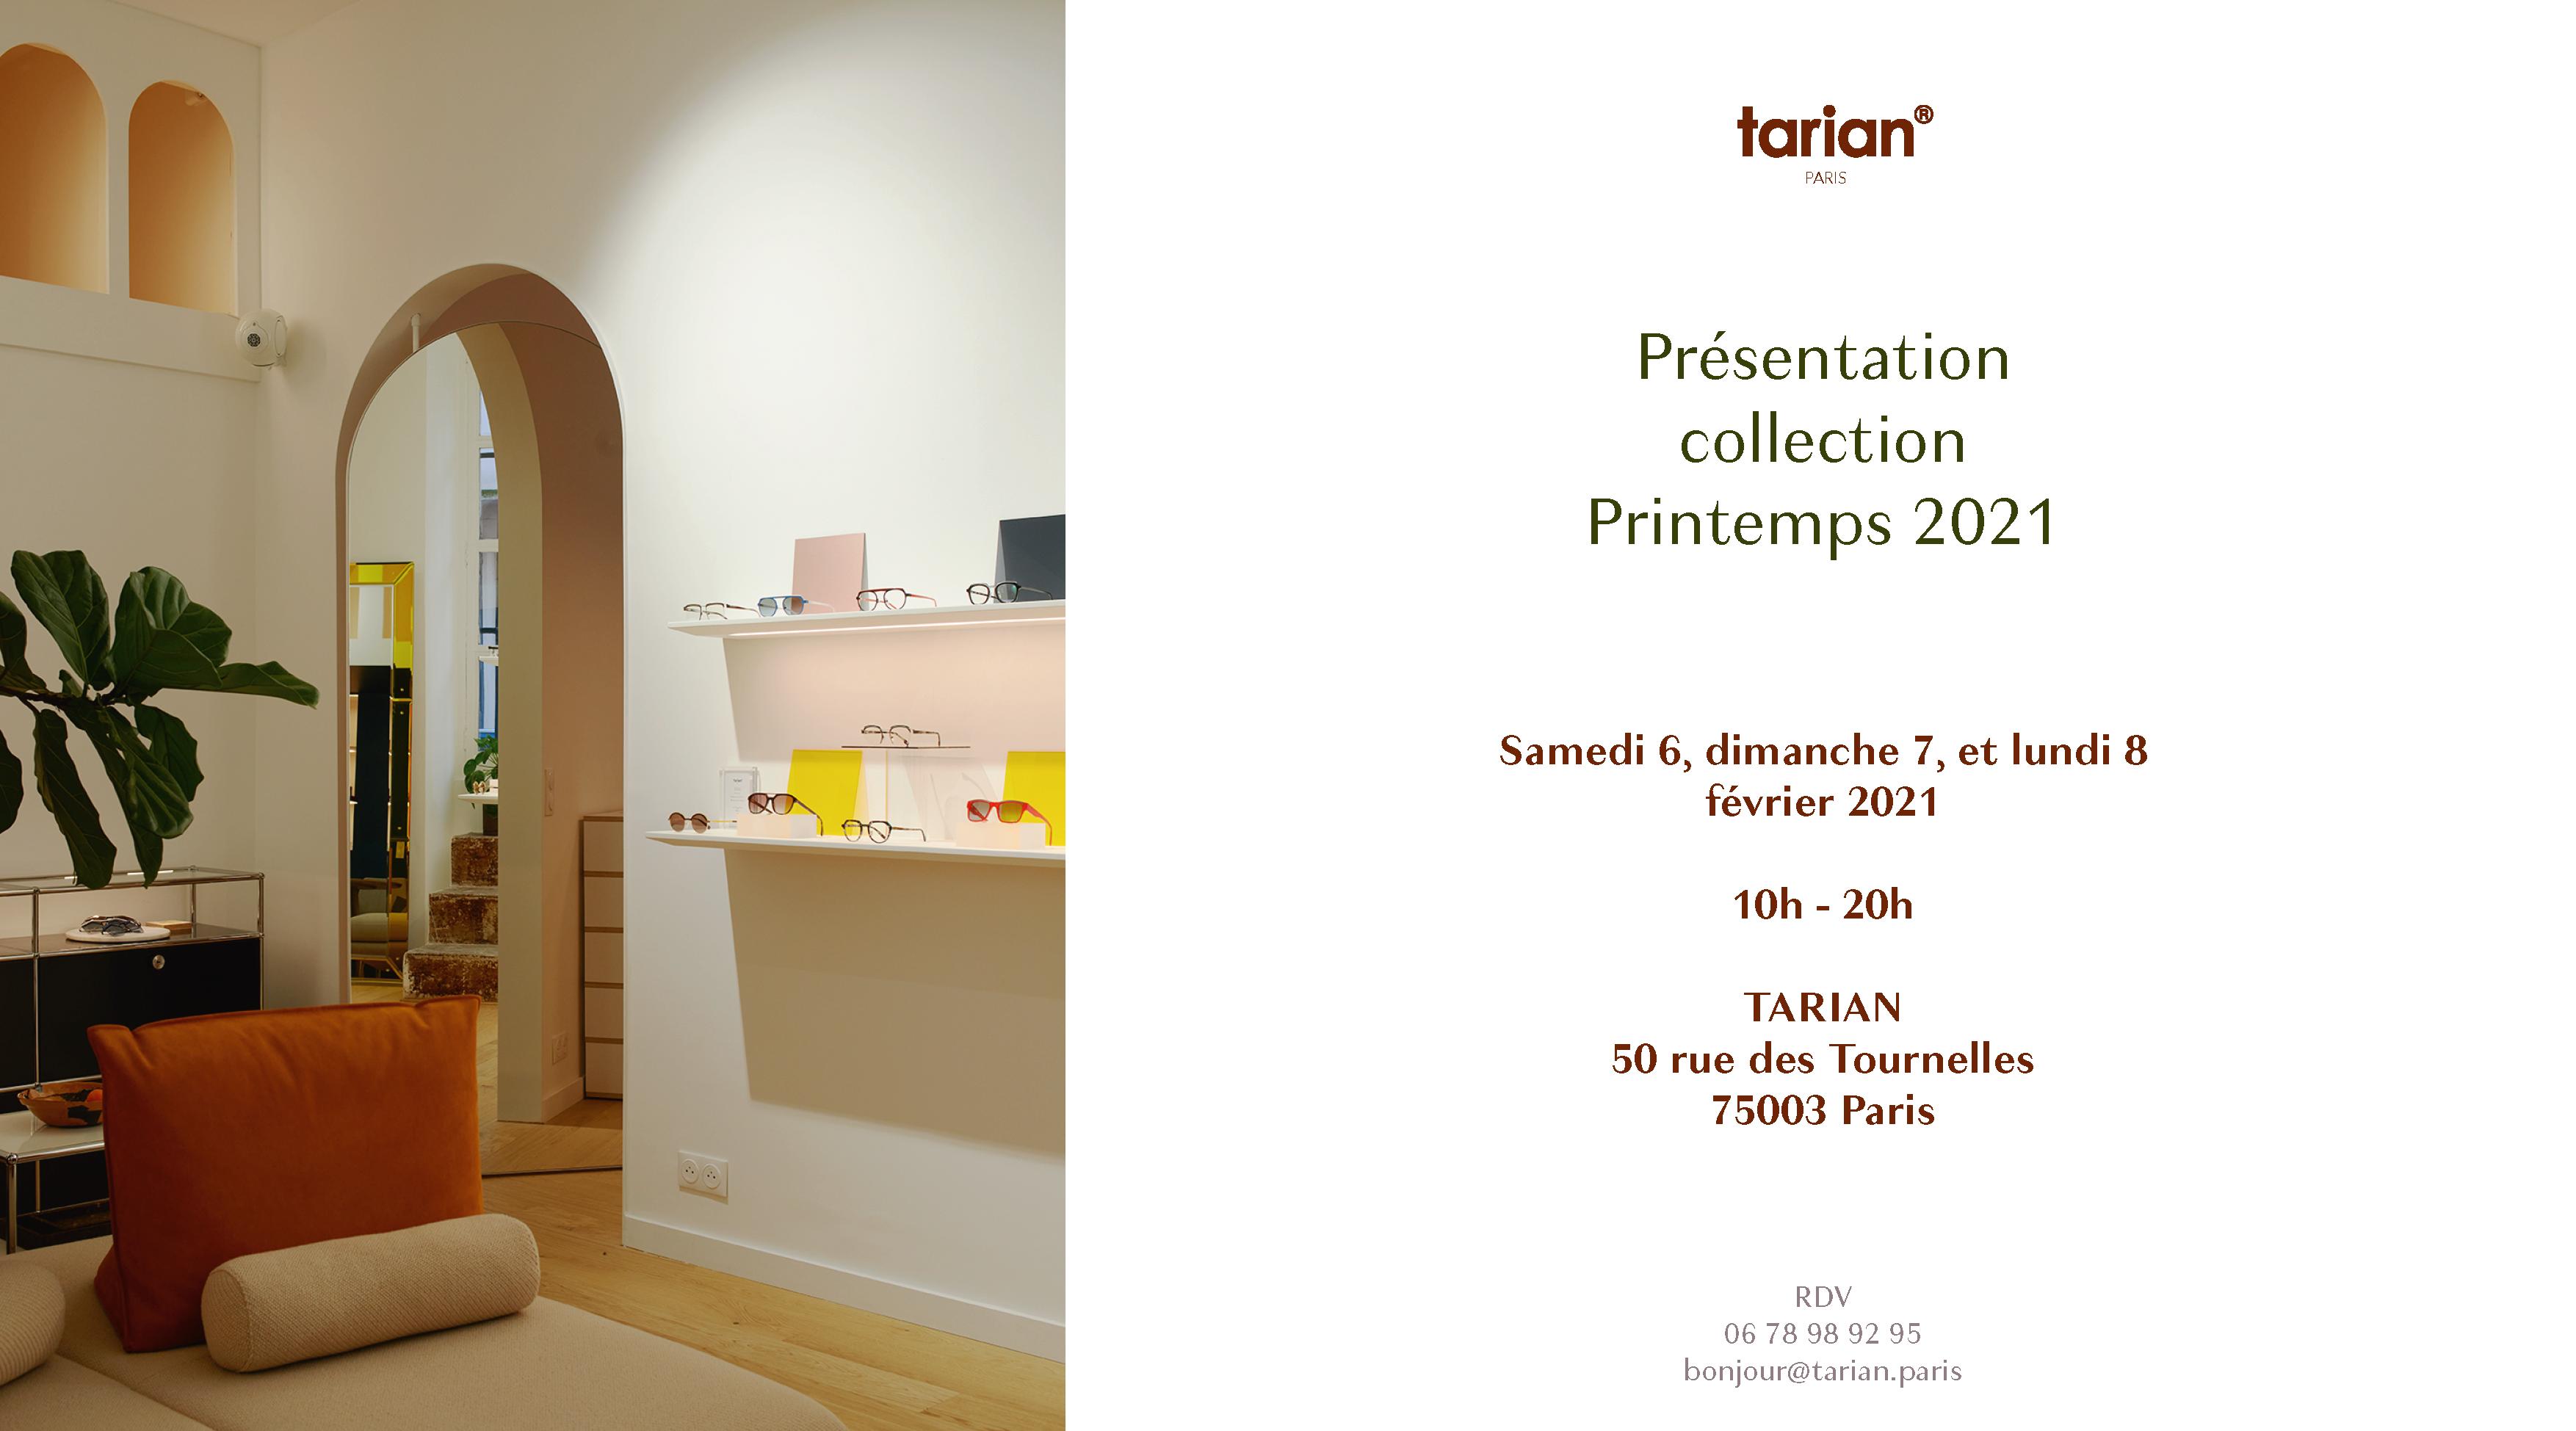 TARIAN Collection Printemps 2021